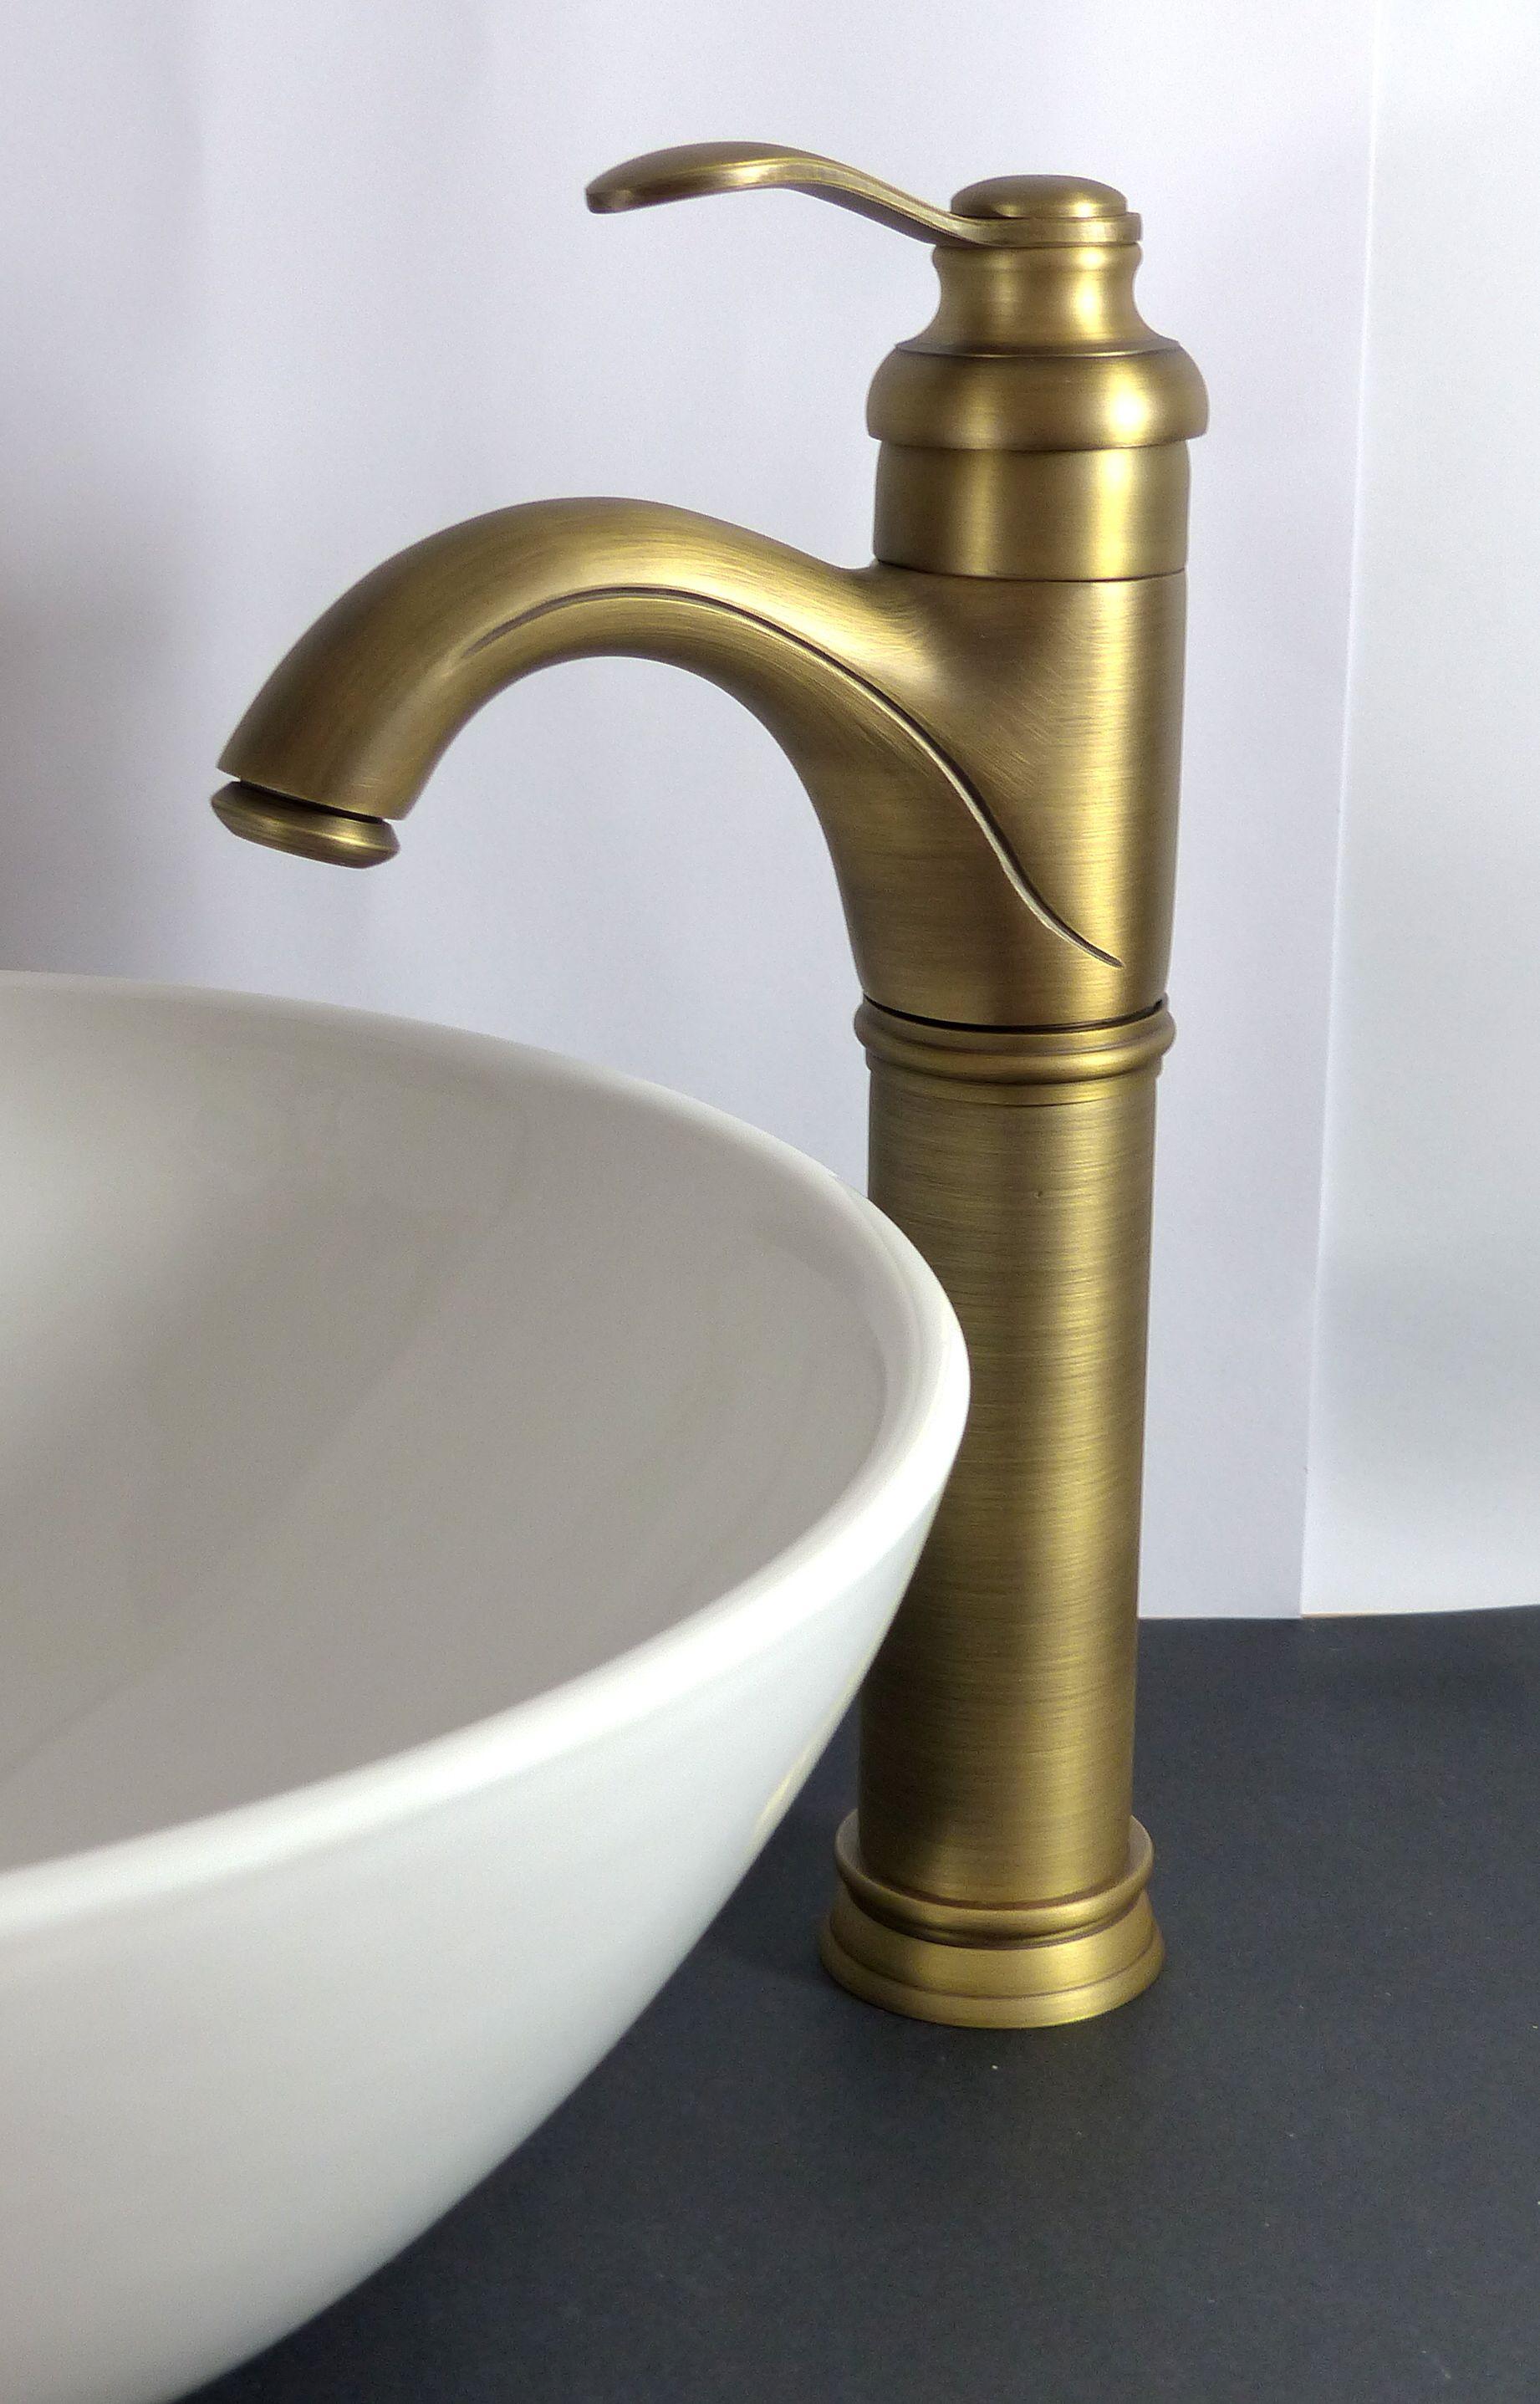 Bad Waschbecken nero badshop bad waschtisch armatur aufsatz waschbecken landhaus